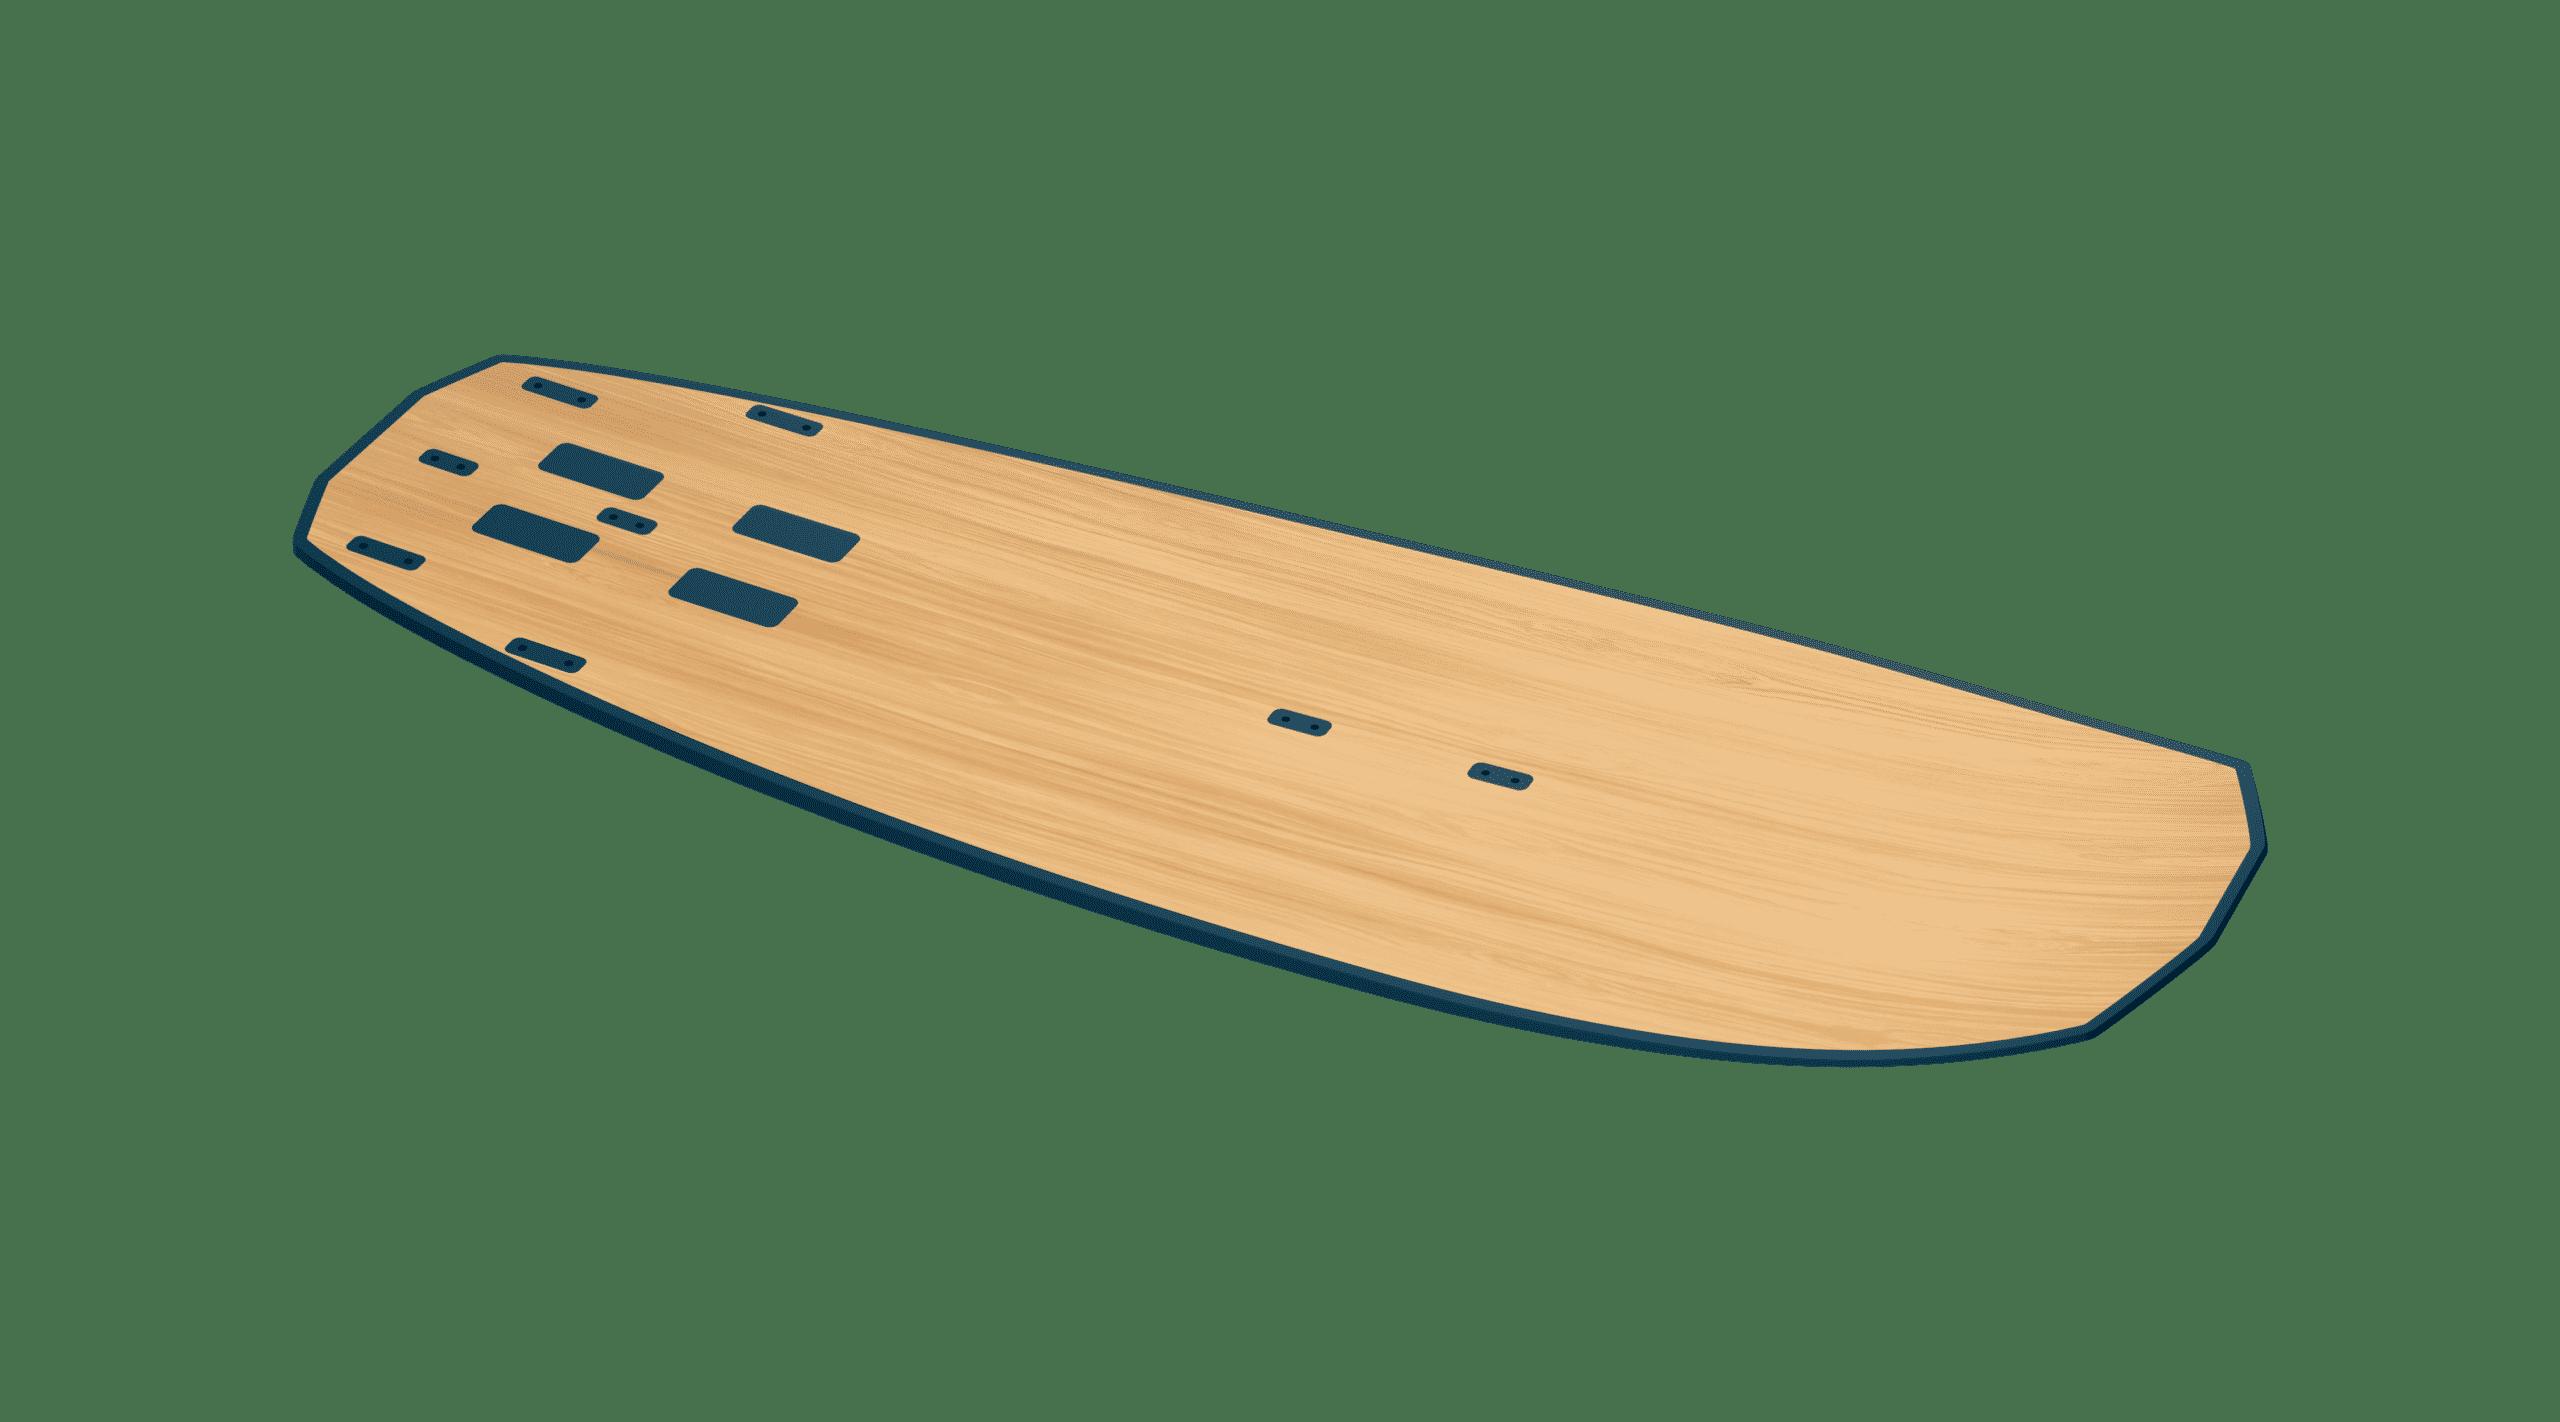 Foil Skate 5